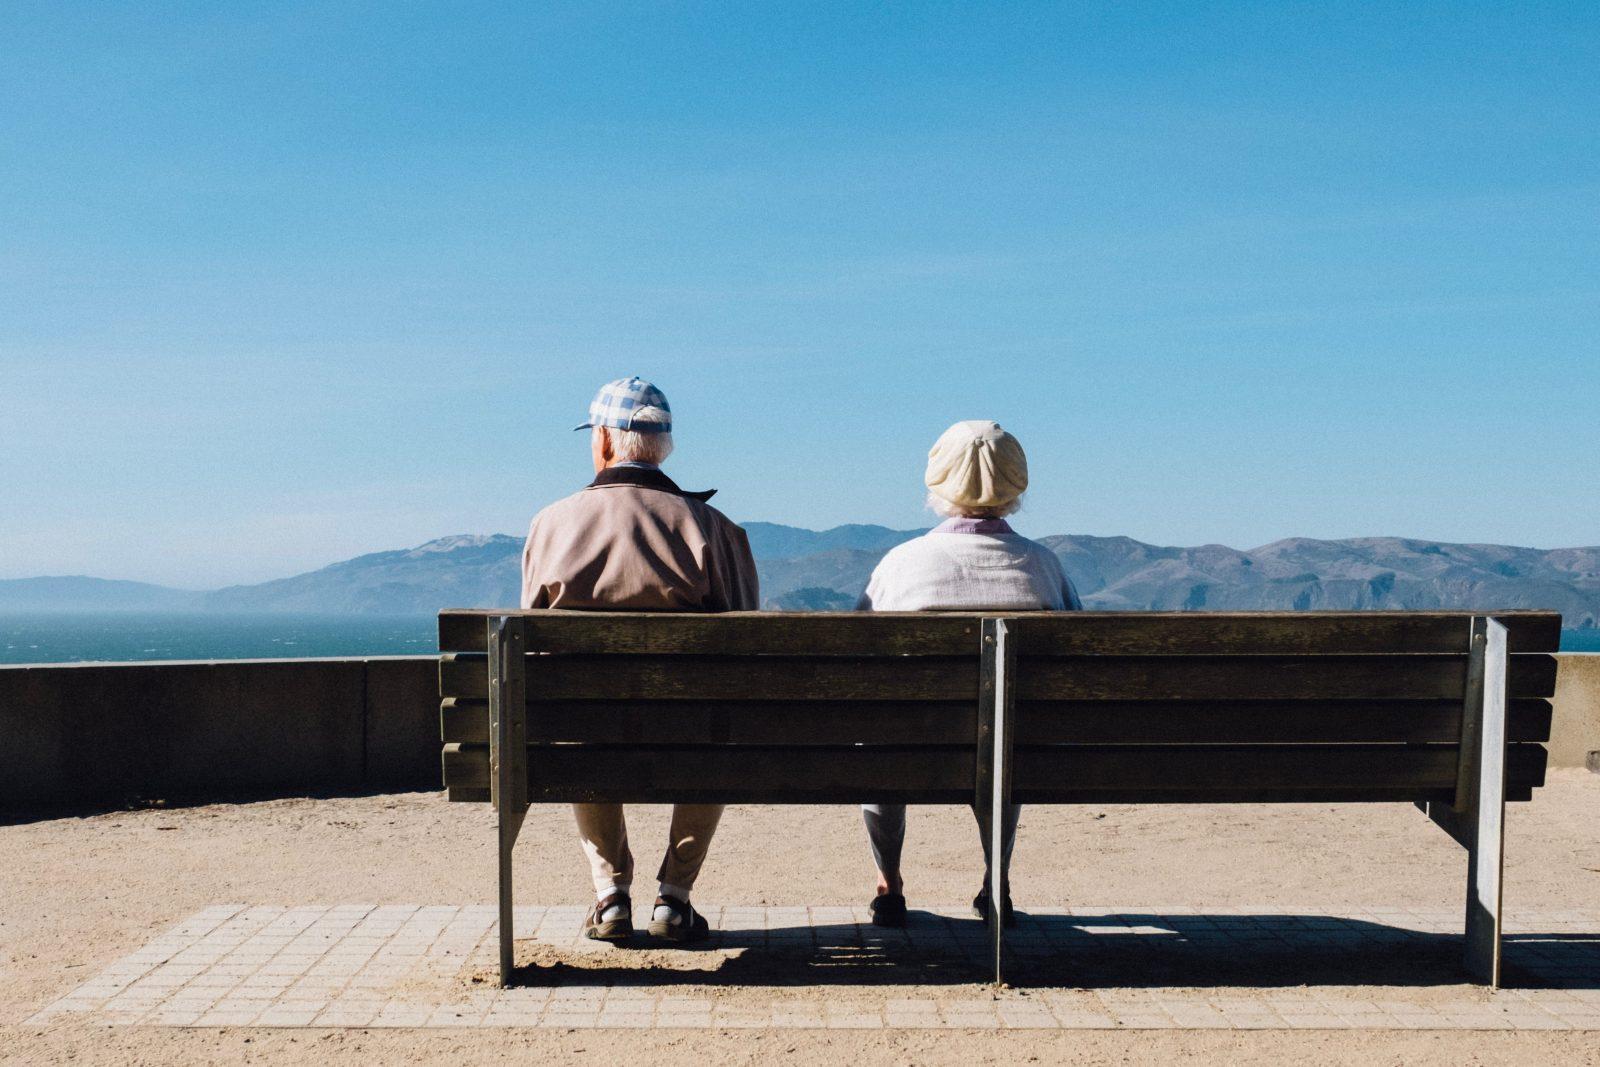 Seniors and the Economy